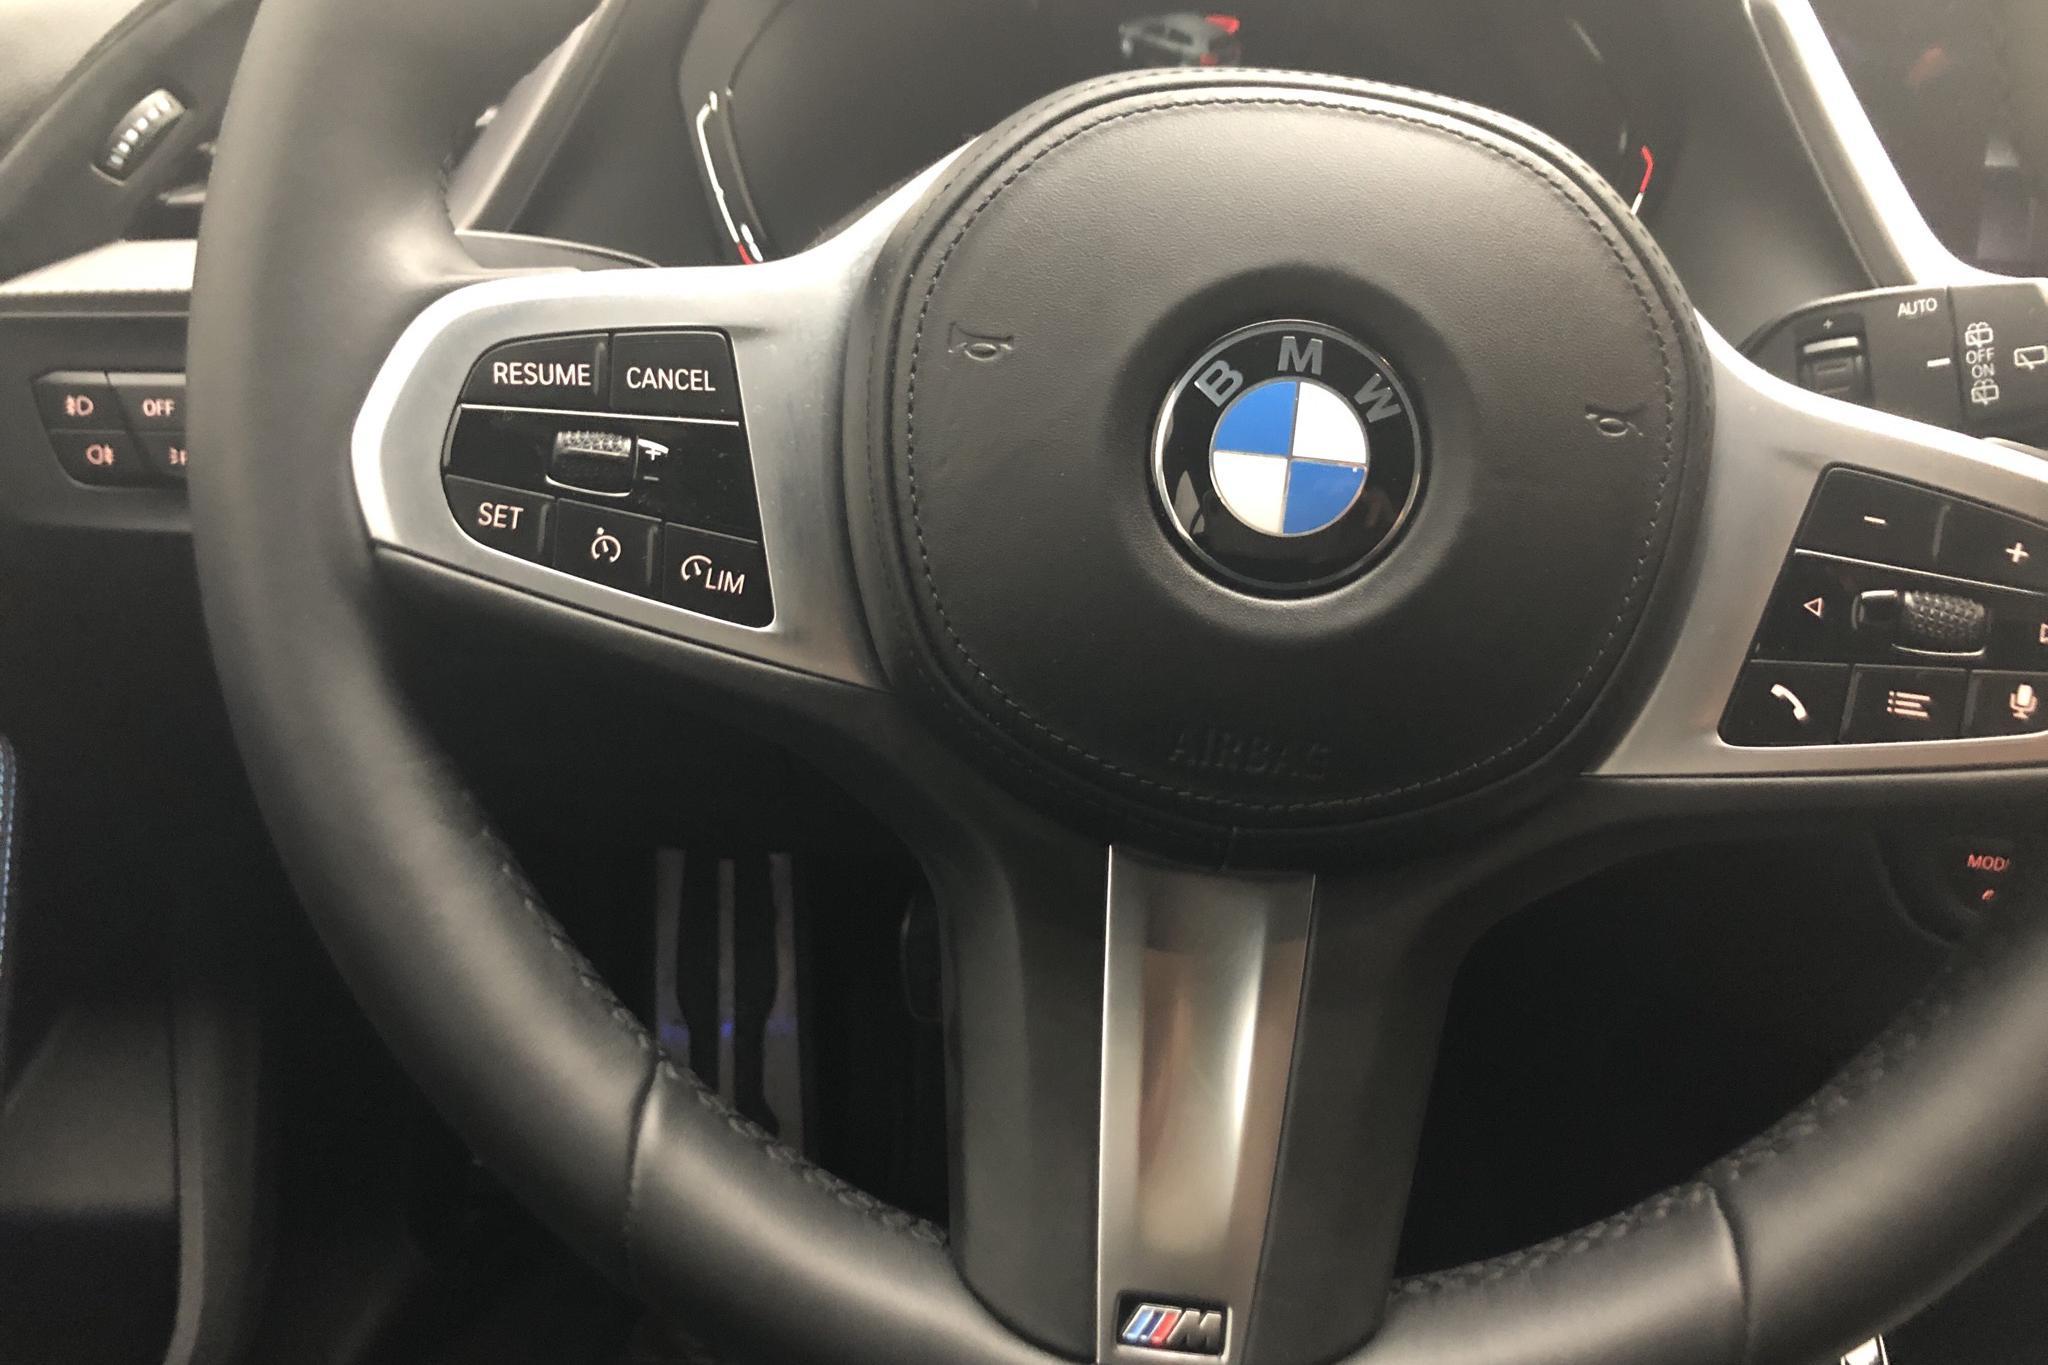 BMW 118i 5dr, F40 (140hk) - 11 370 km - Manual - blue - 2021